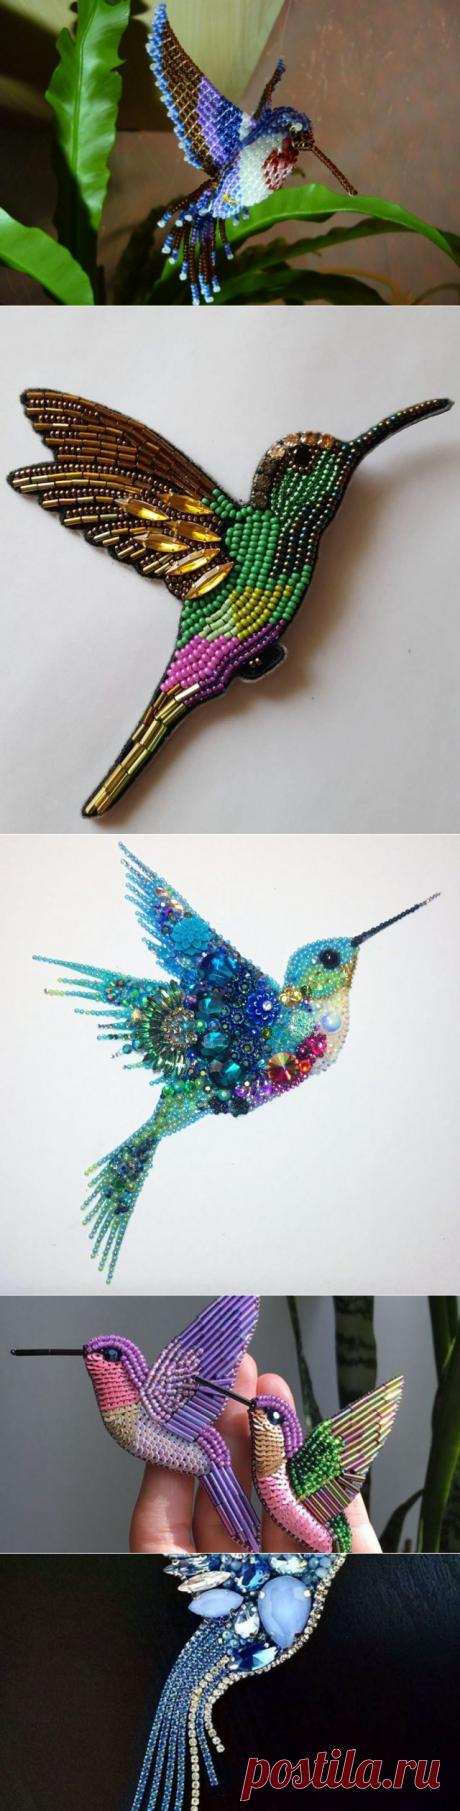 Колибри из бисера: схема плетения, примеры и фото